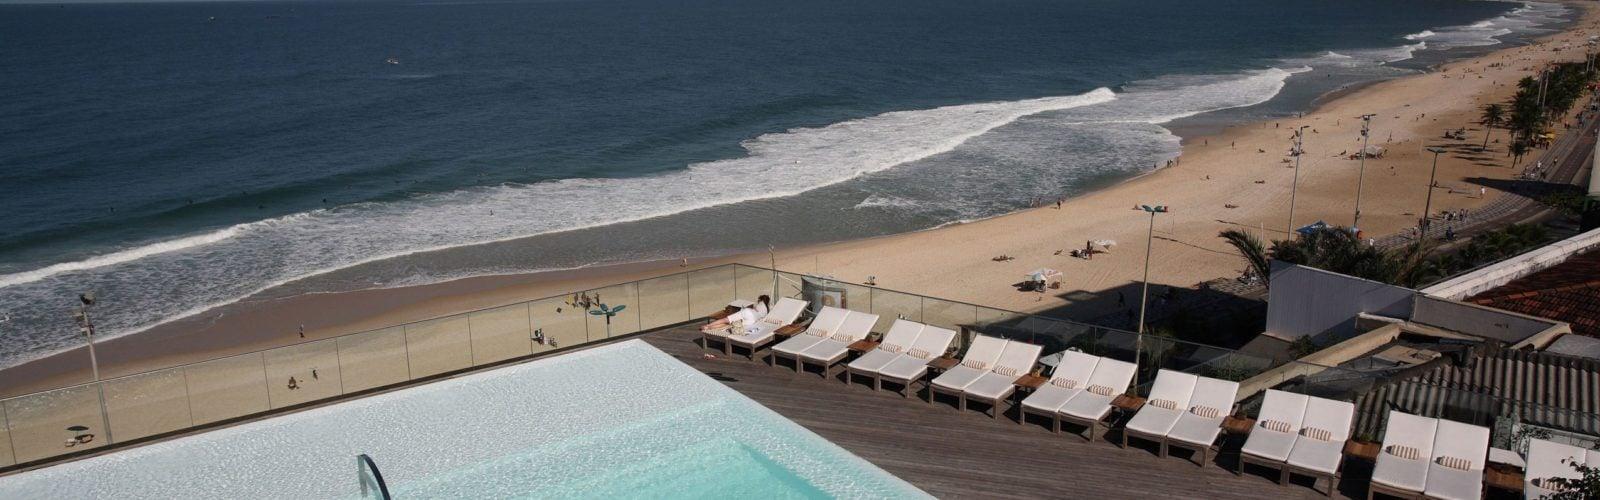 The pool at Fasano Rio, Rio de Janeiro, Brazil